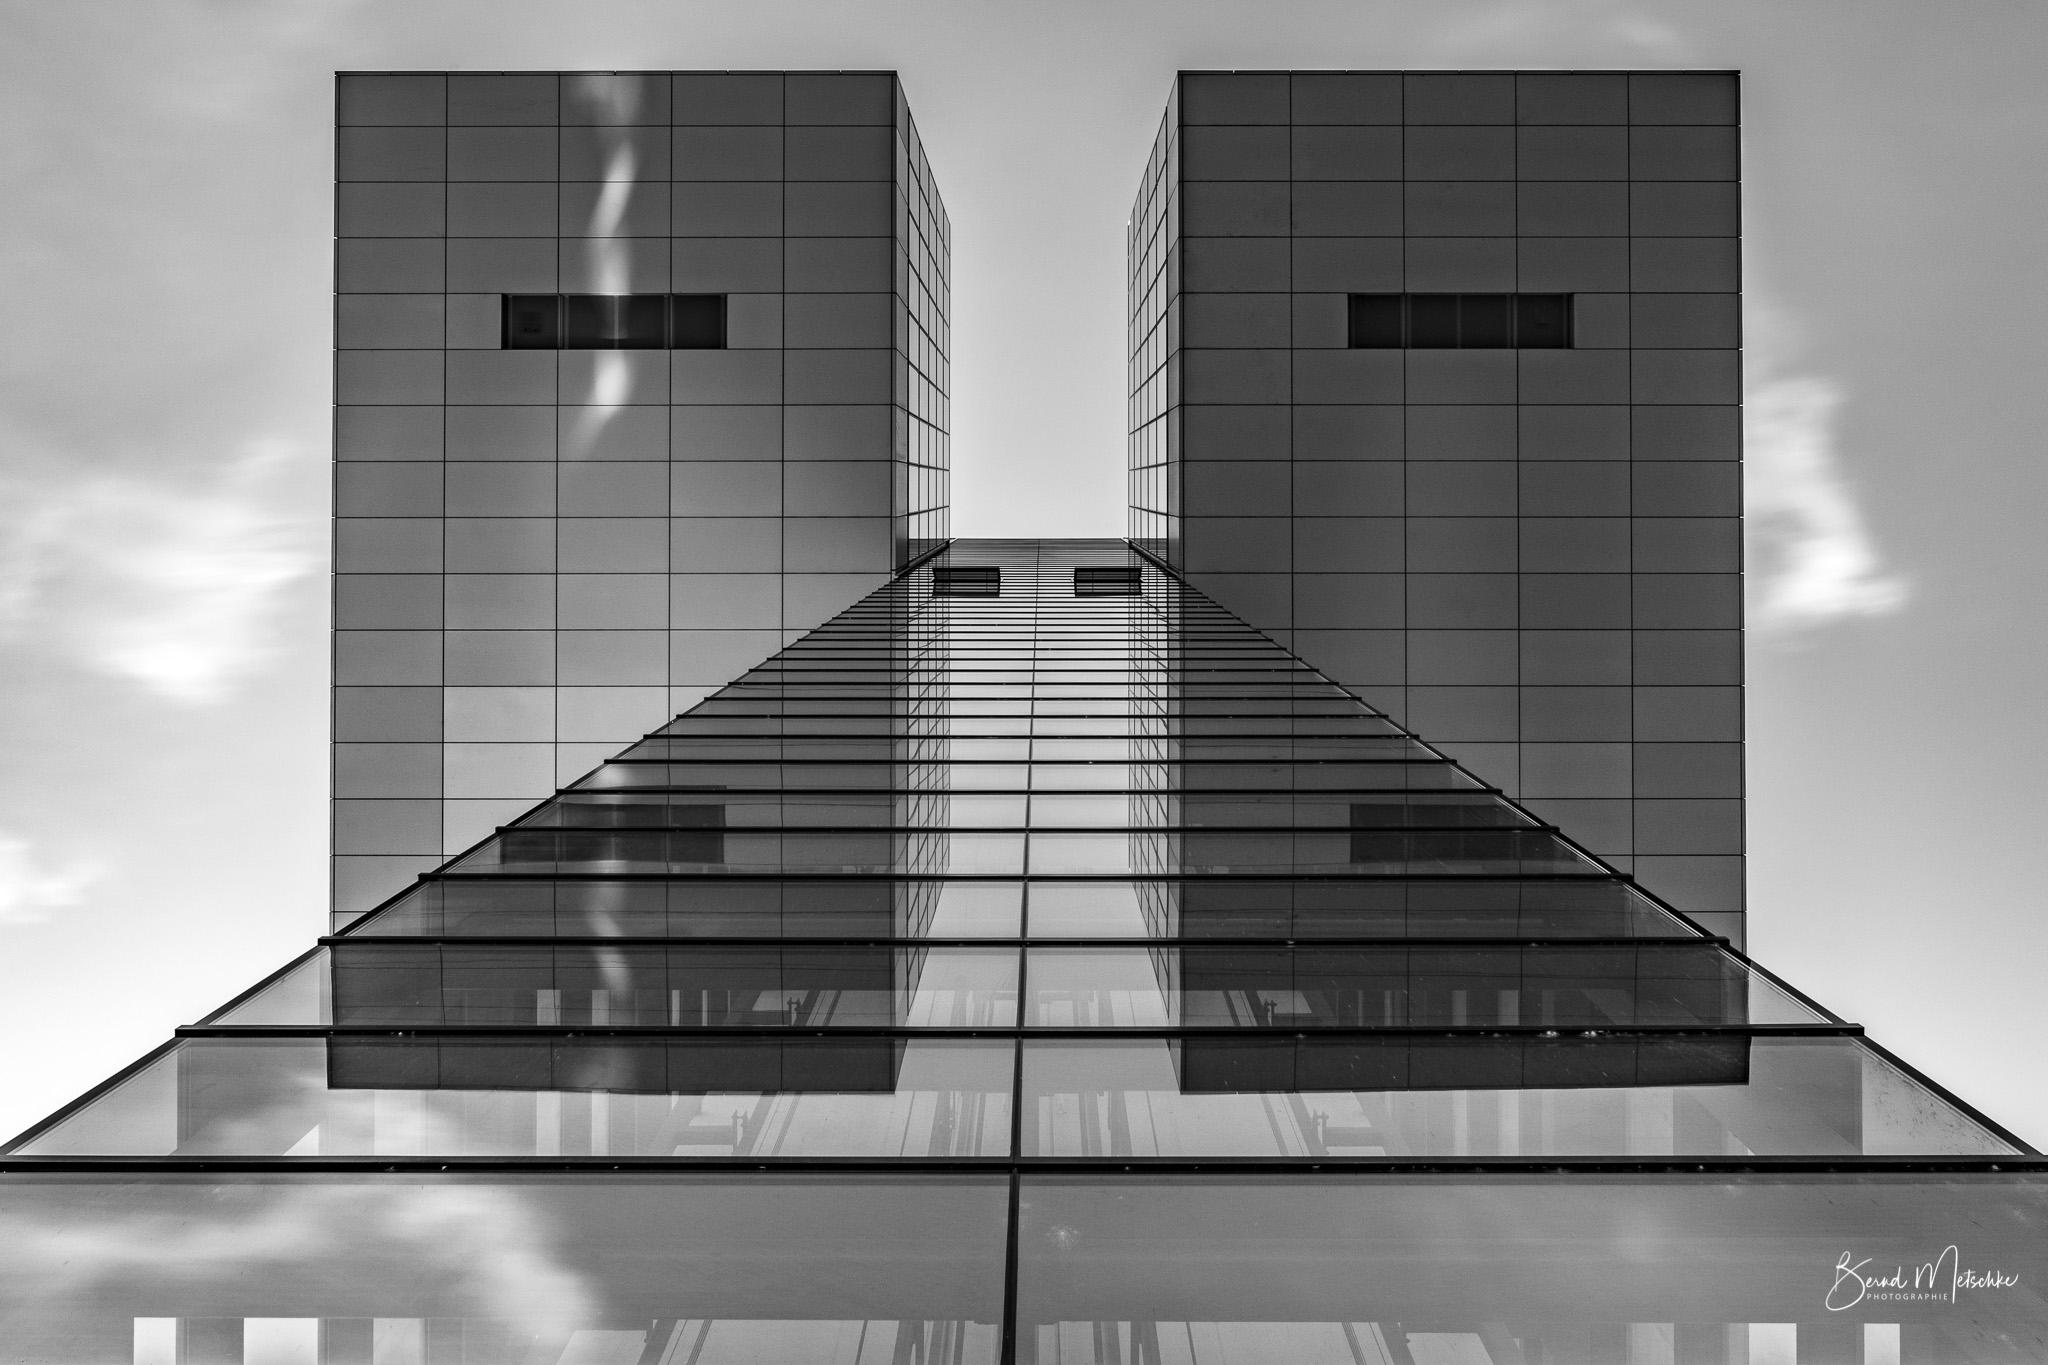 Kranhäuser in schwarz/weiß